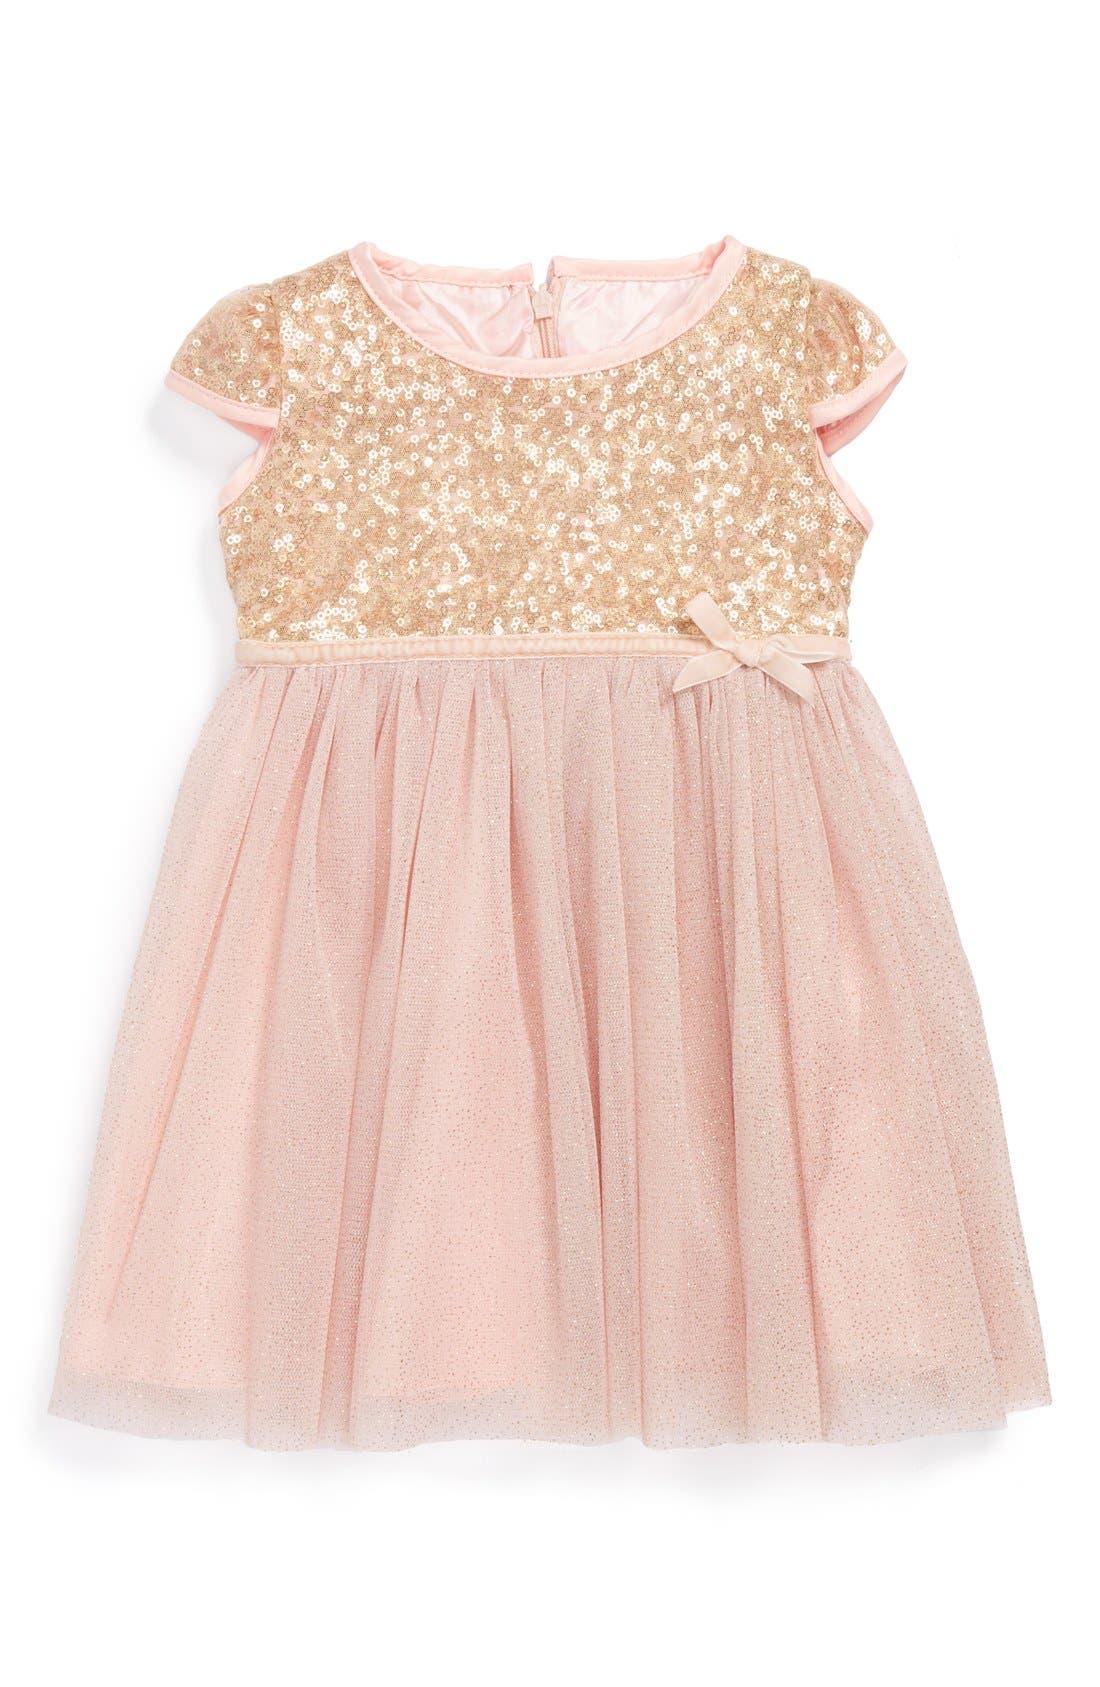 Alternate Image 1 Selected - Dorissa Tulle Sequin Dress (Baby Girls)